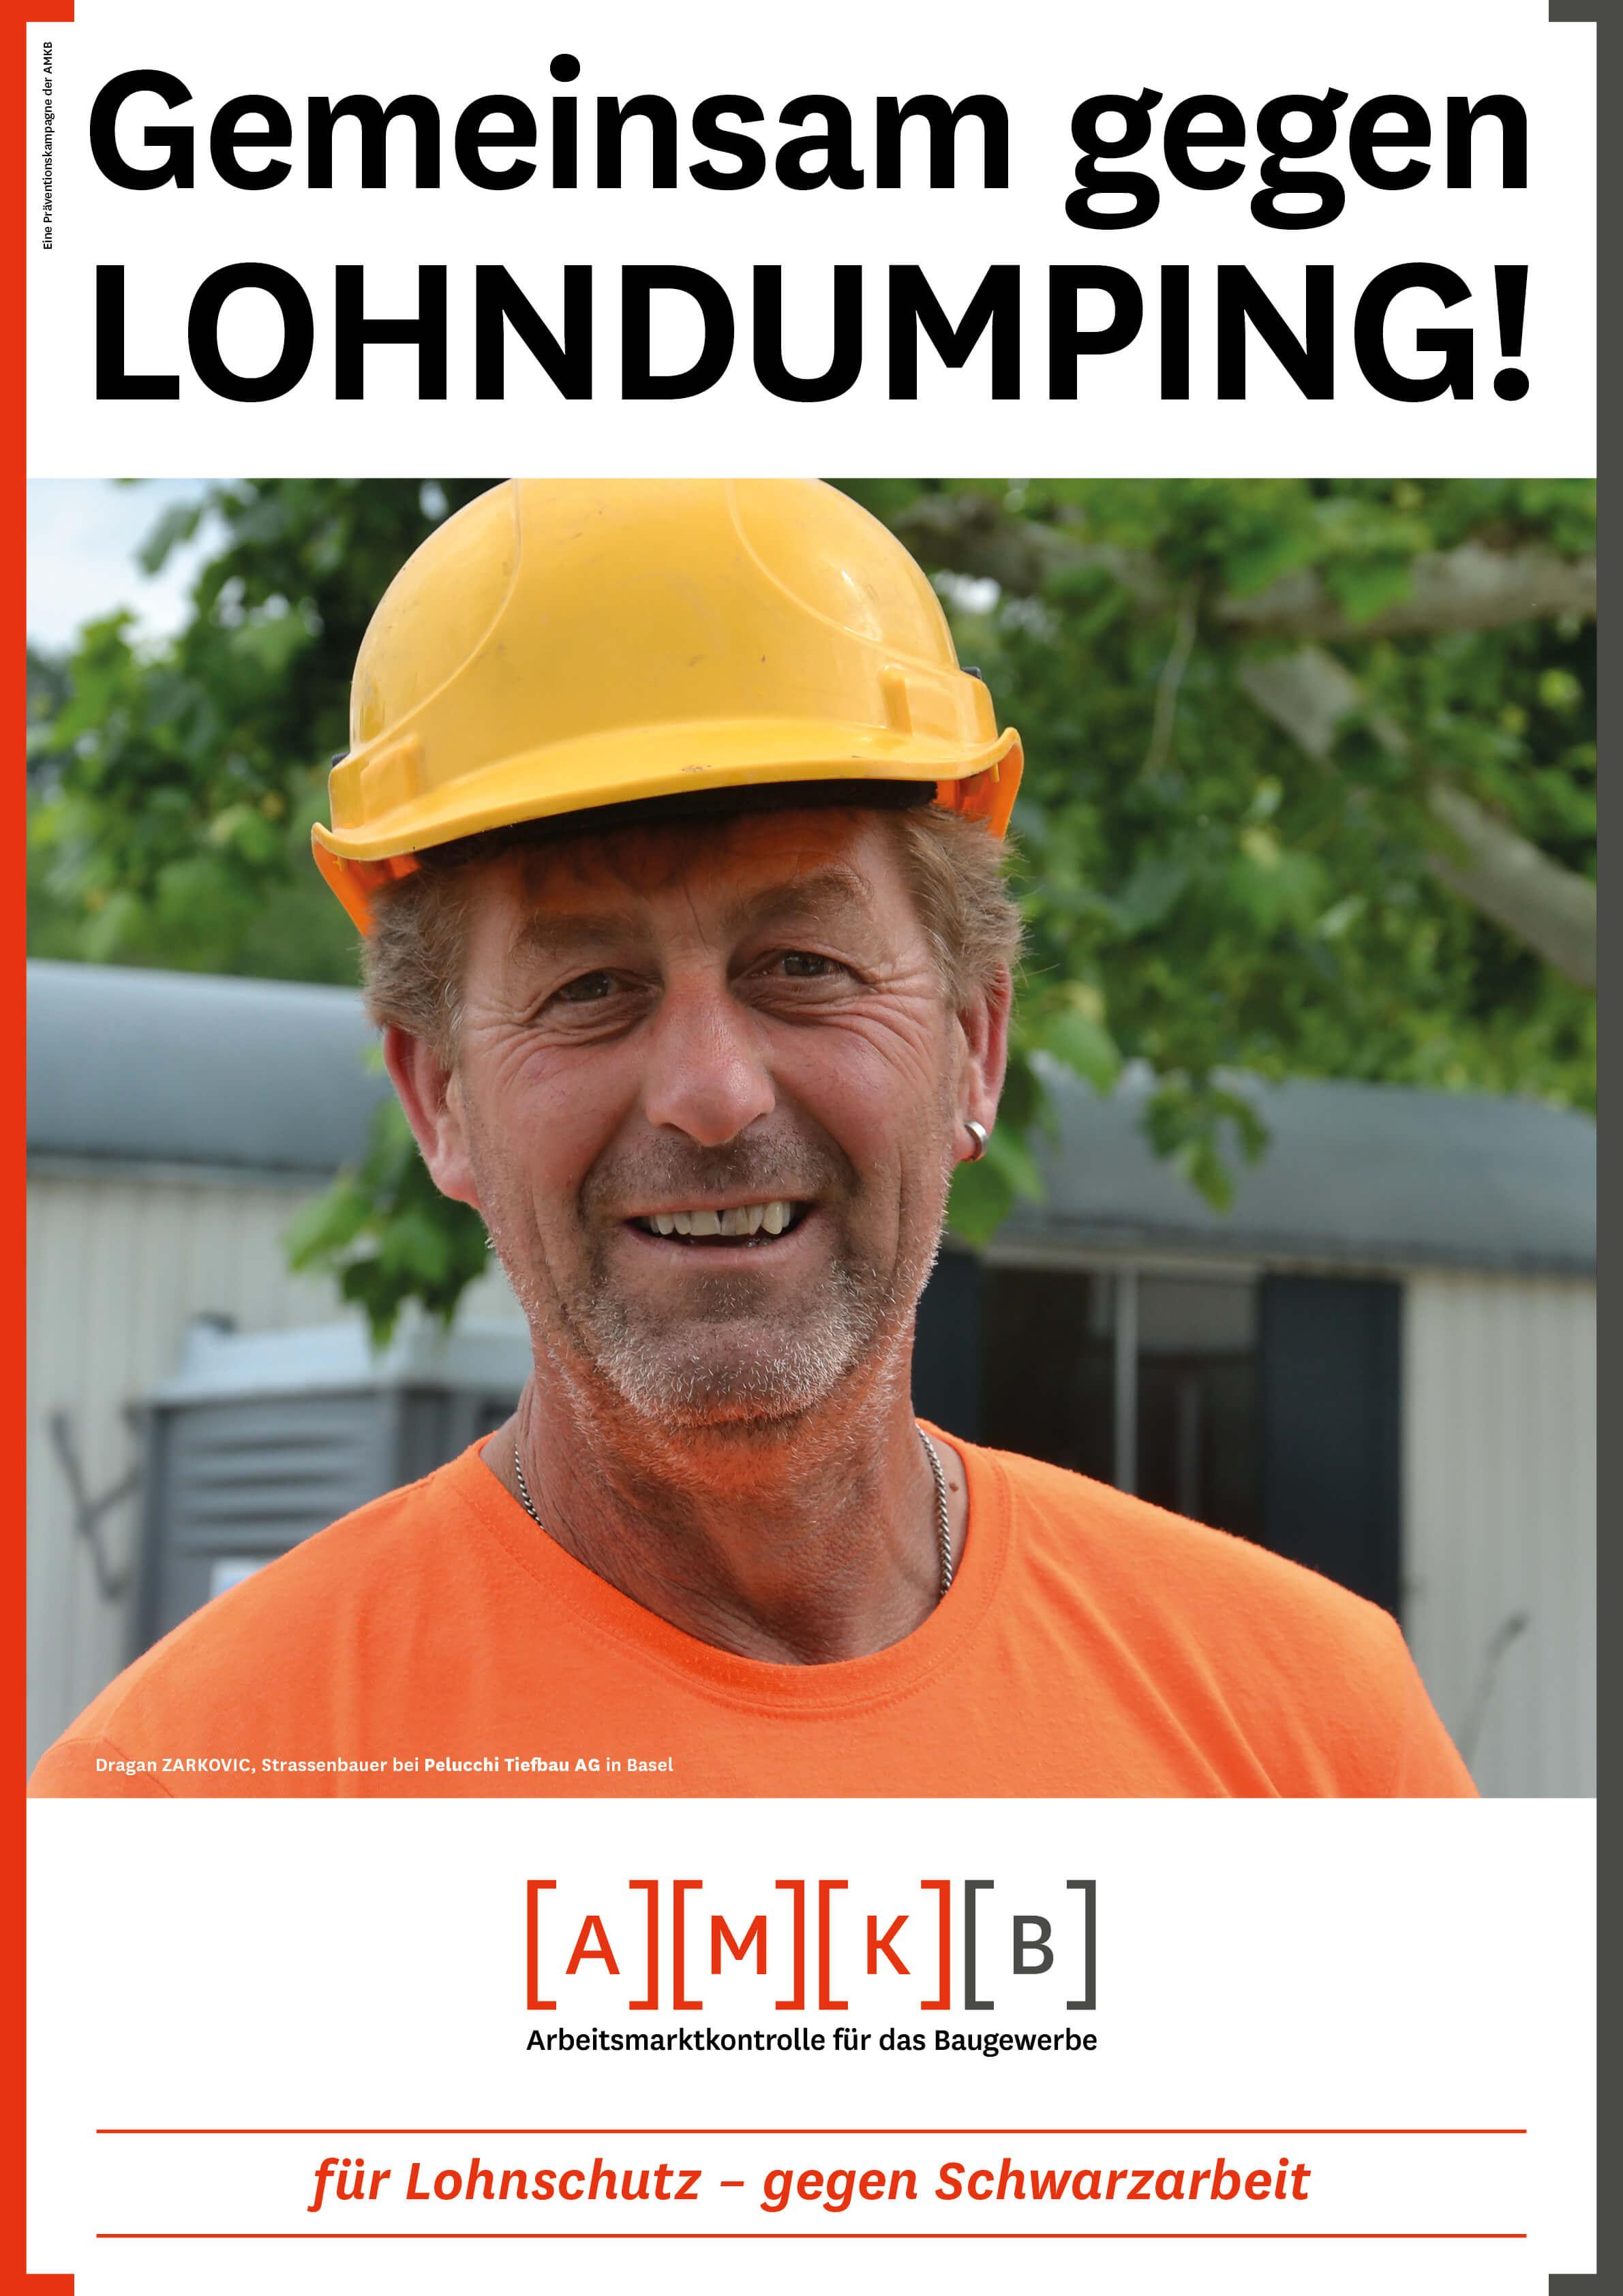 AMKB - Präventionskampagne - Gemeinsam schaffen wir gleich lange Spiesse! - Lohndumping